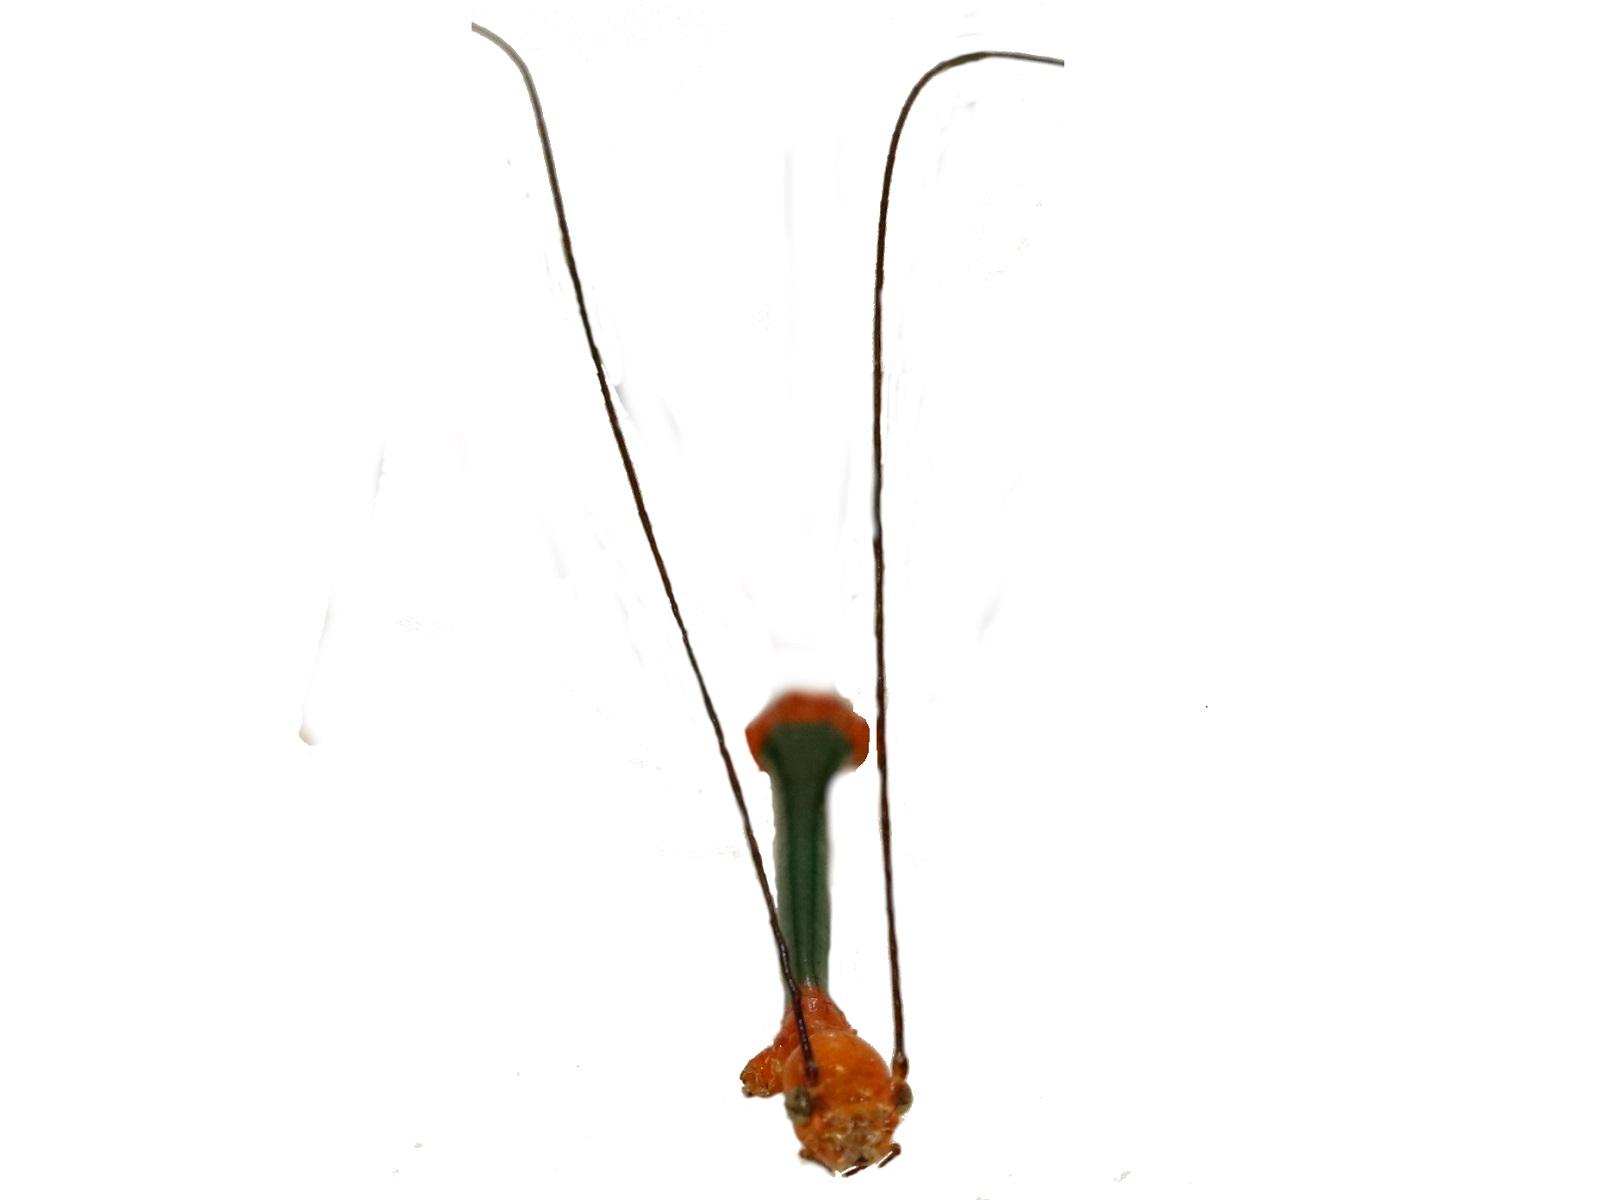 Oncotophasma aurantiaviridiata Murcia, Cadena-Castañeda and Silva, 2020